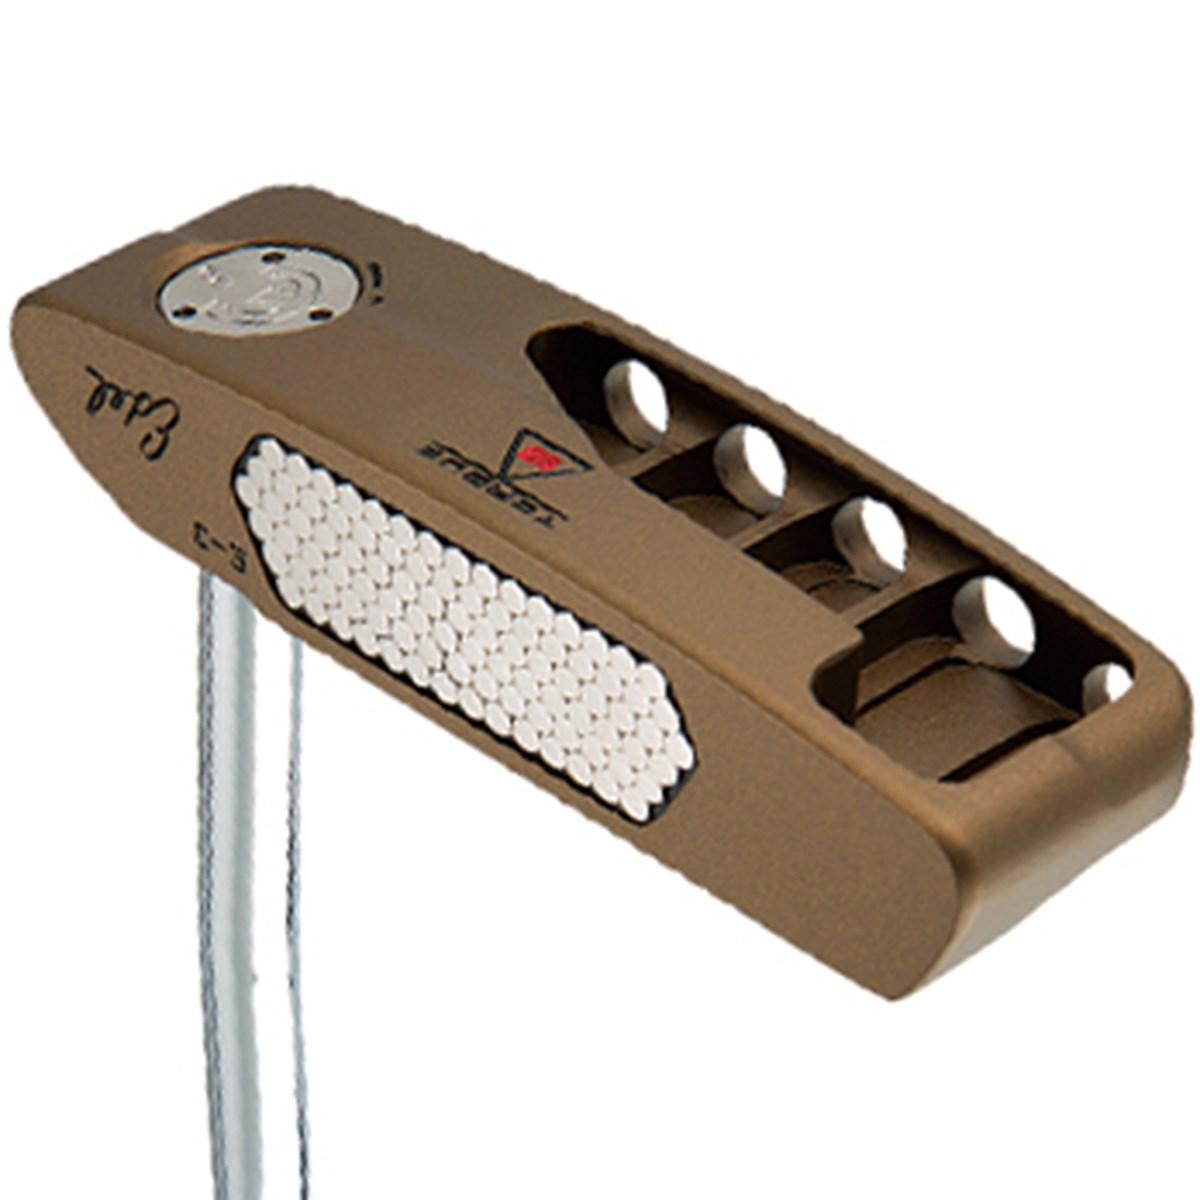 イーデルゴルフ トルクバランスパター E-3 ゴールド